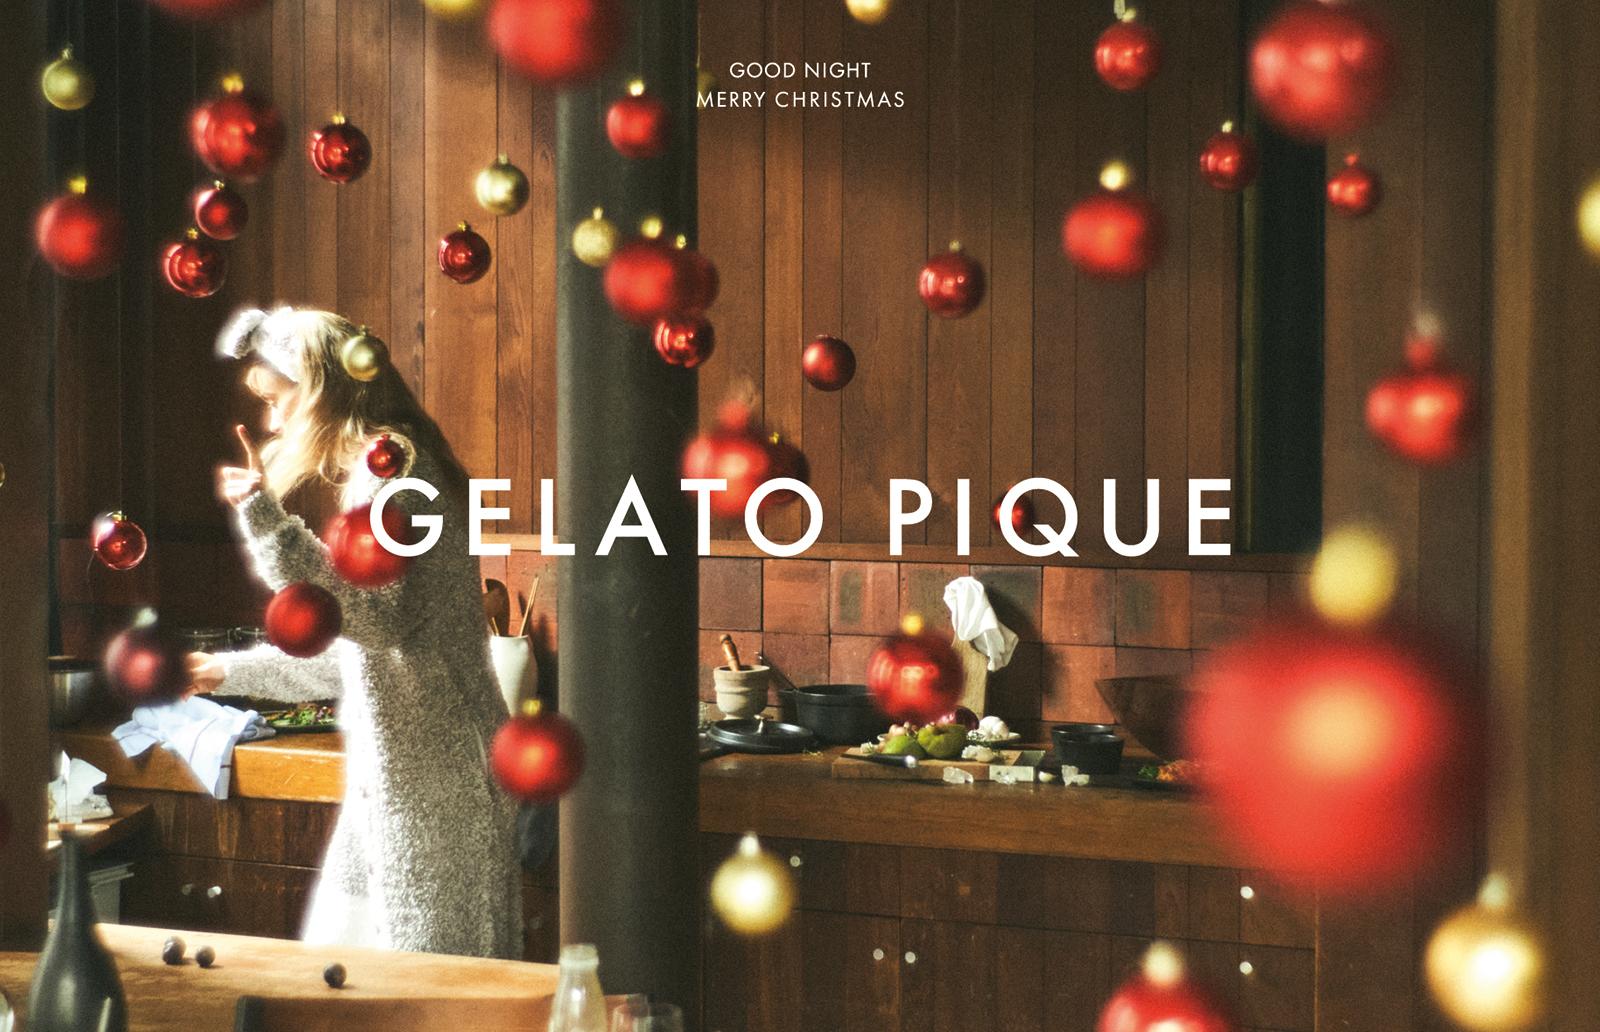 「ジェラートピケ」クリスマスコレクション(提供写真)